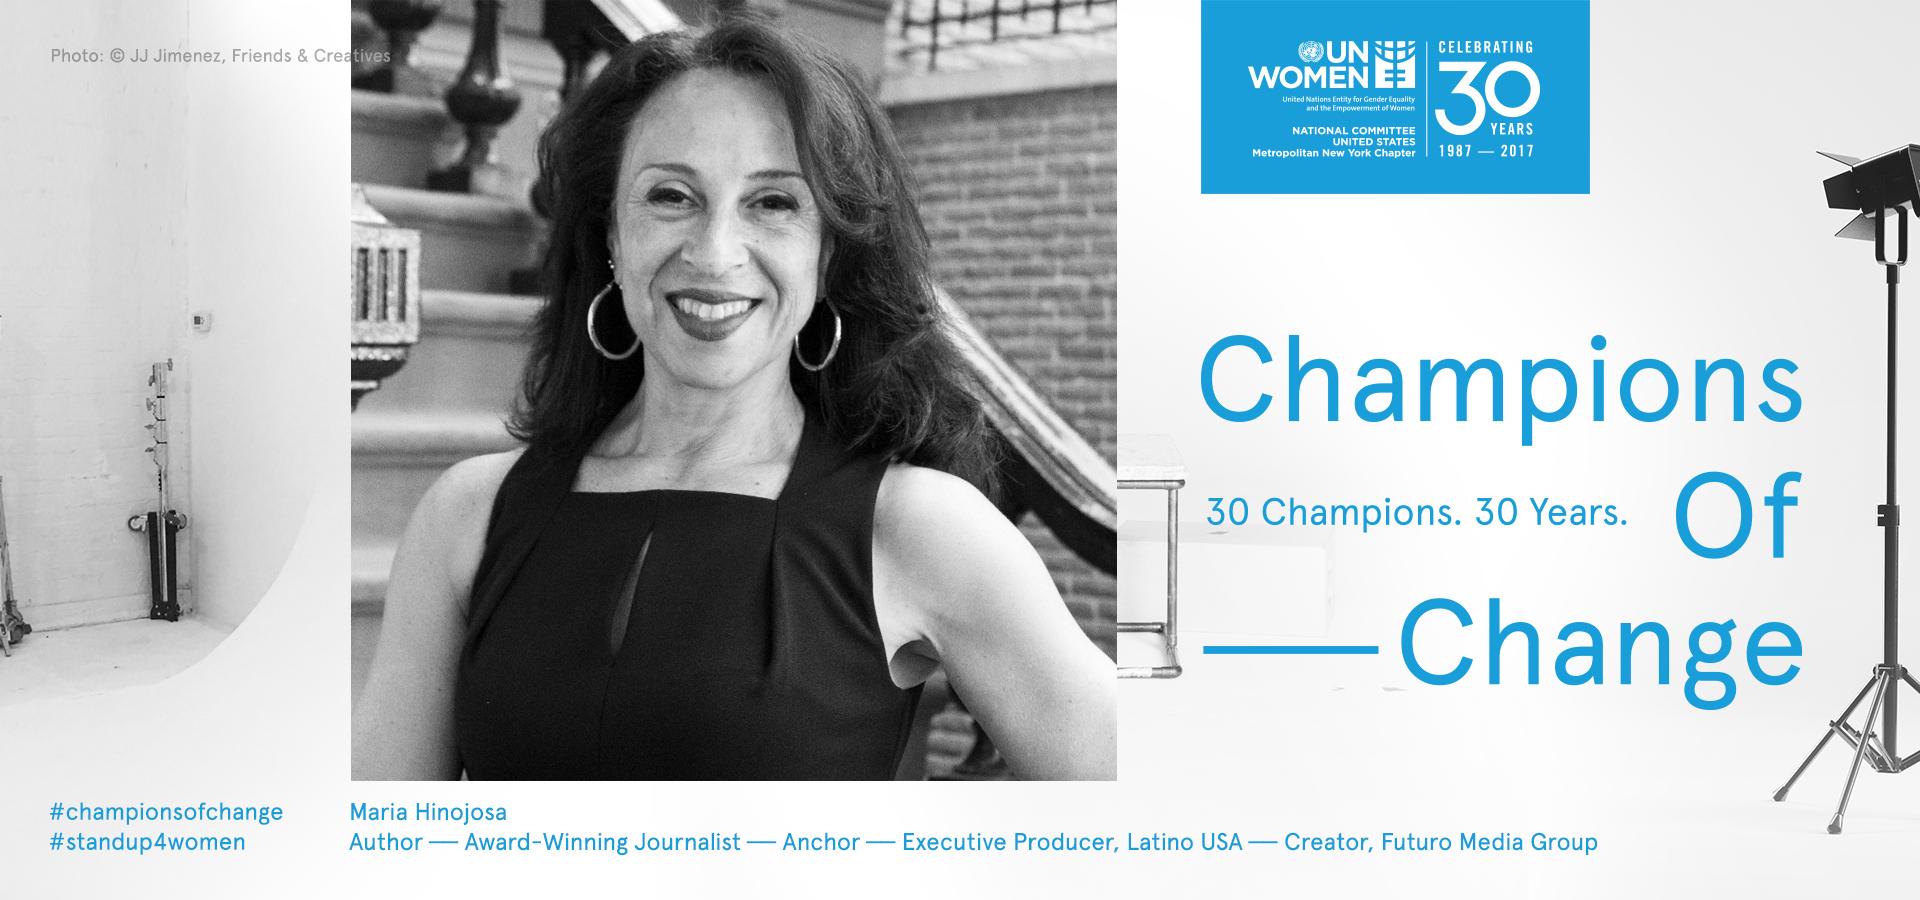 2018_UNWomen_ChampionsOfChange_Website_ProfilePage_MariaHinojosa.jpg